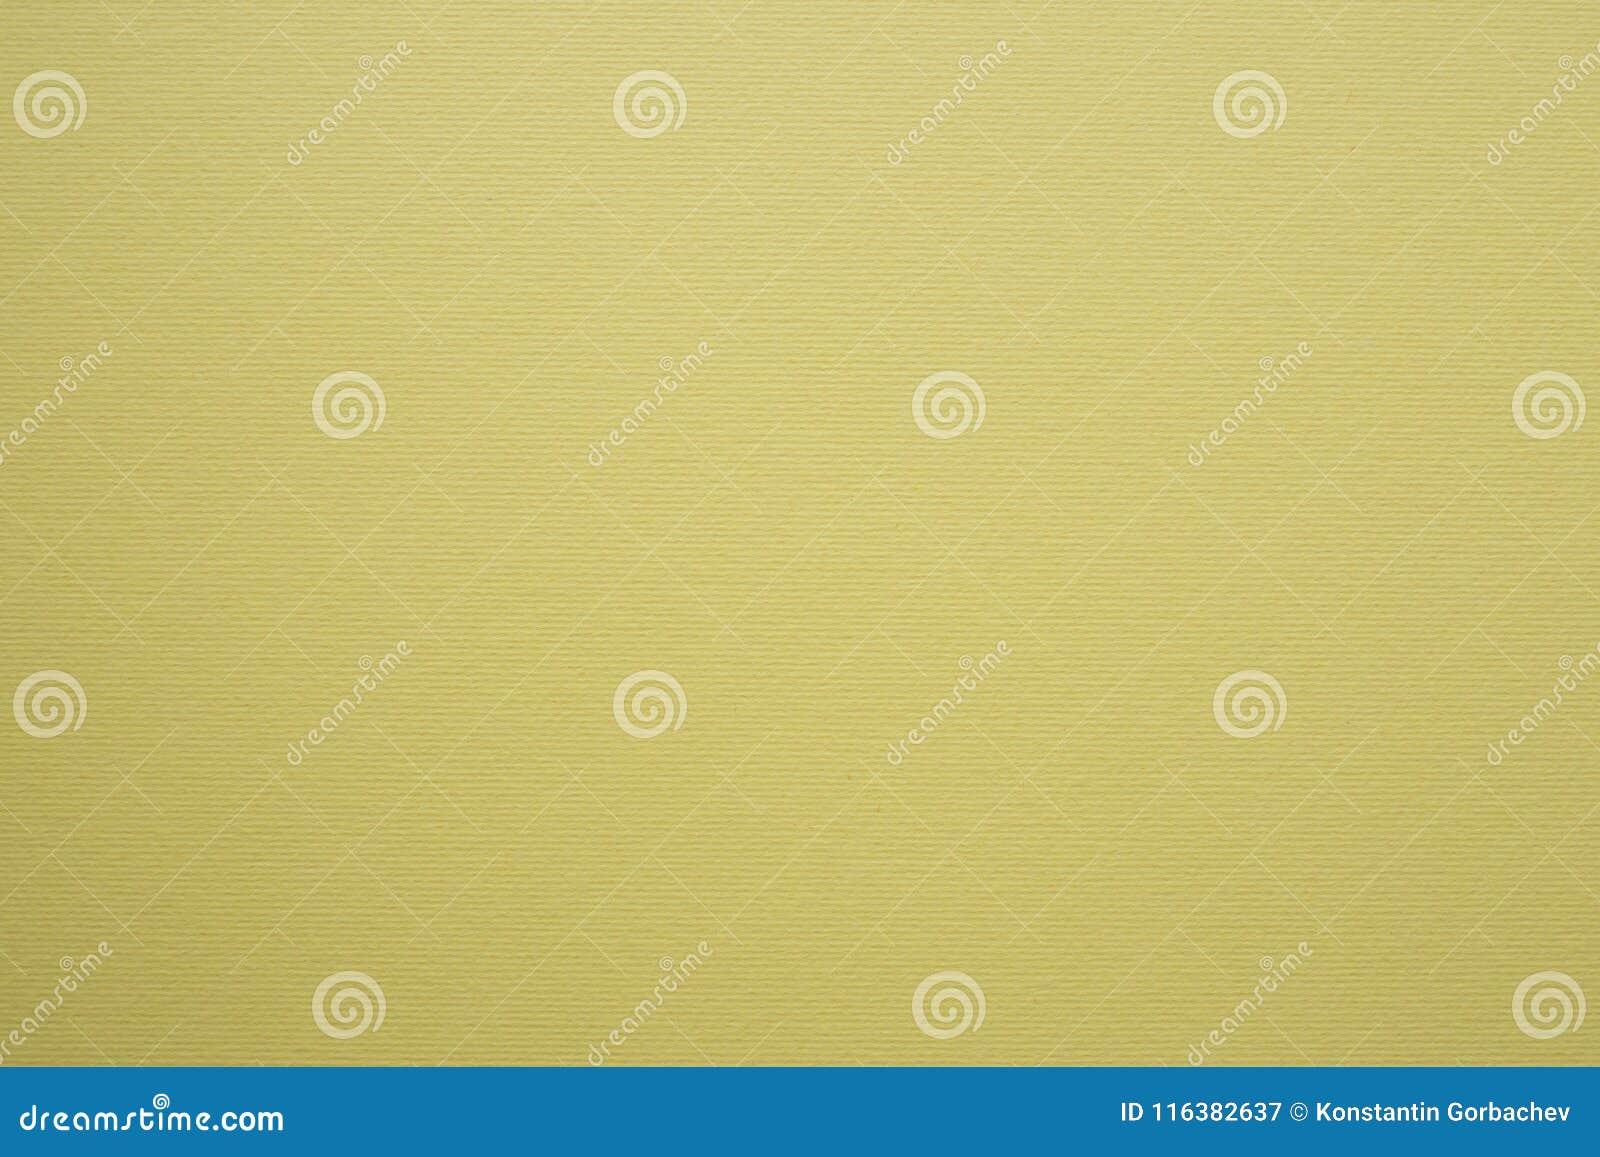 Fondo di carta strutturato giallo, base per progettazione